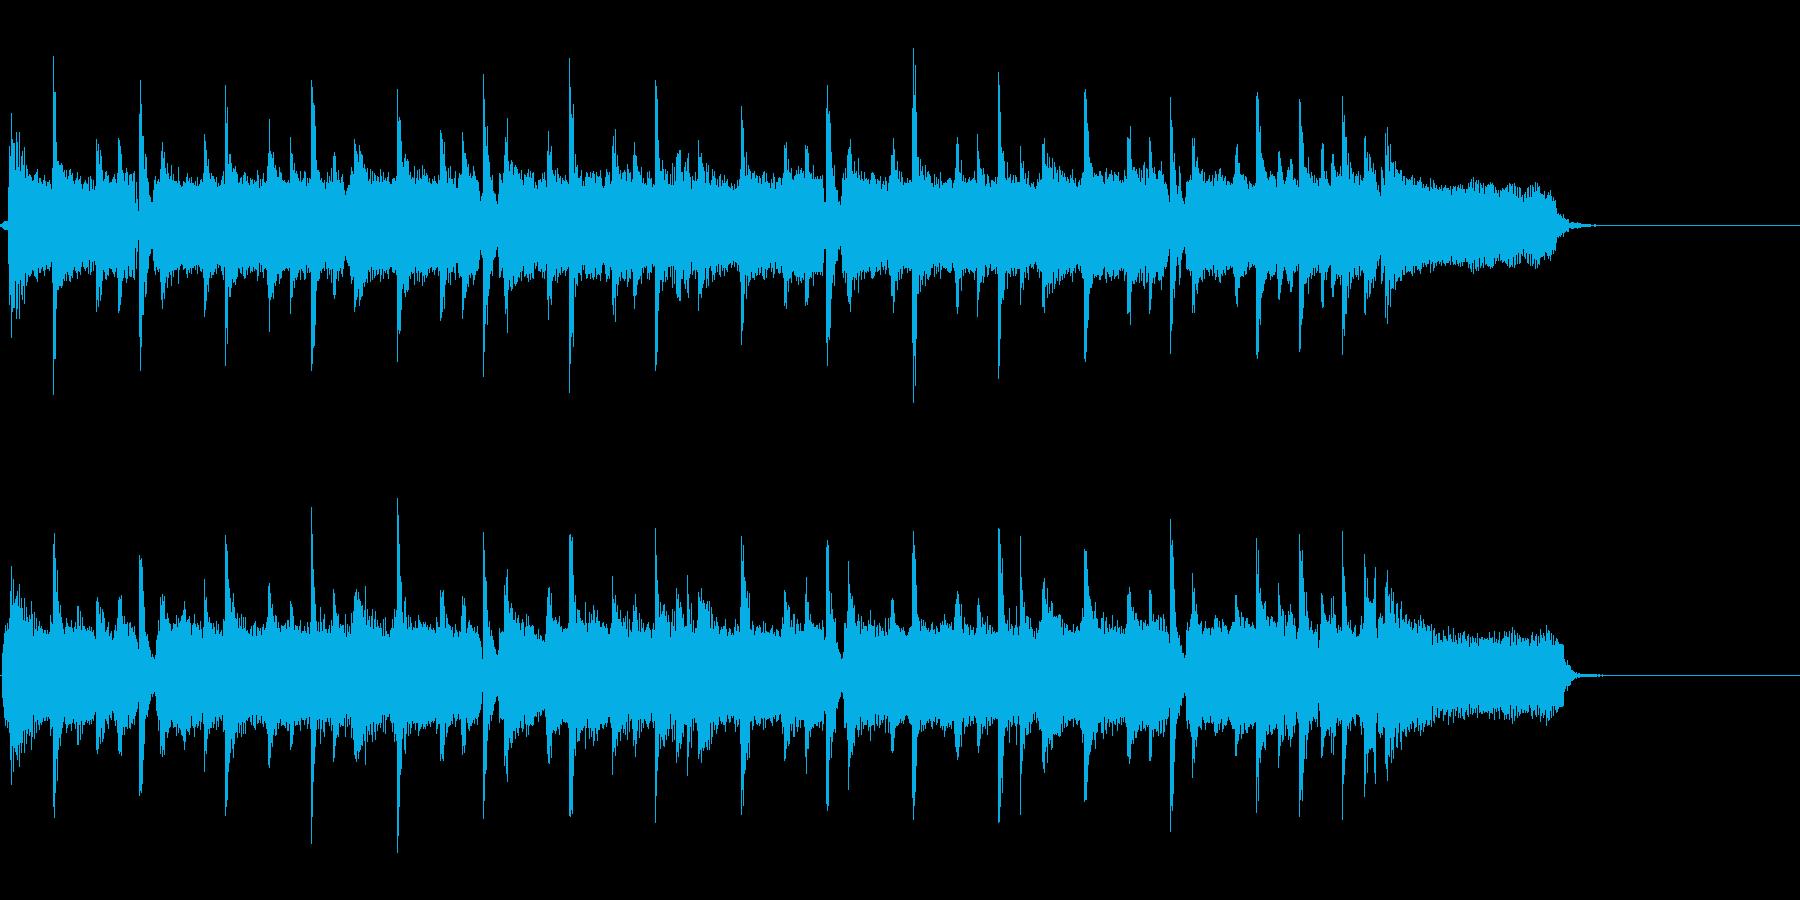 主張しすぎないロック系ジングル・キーBの再生済みの波形